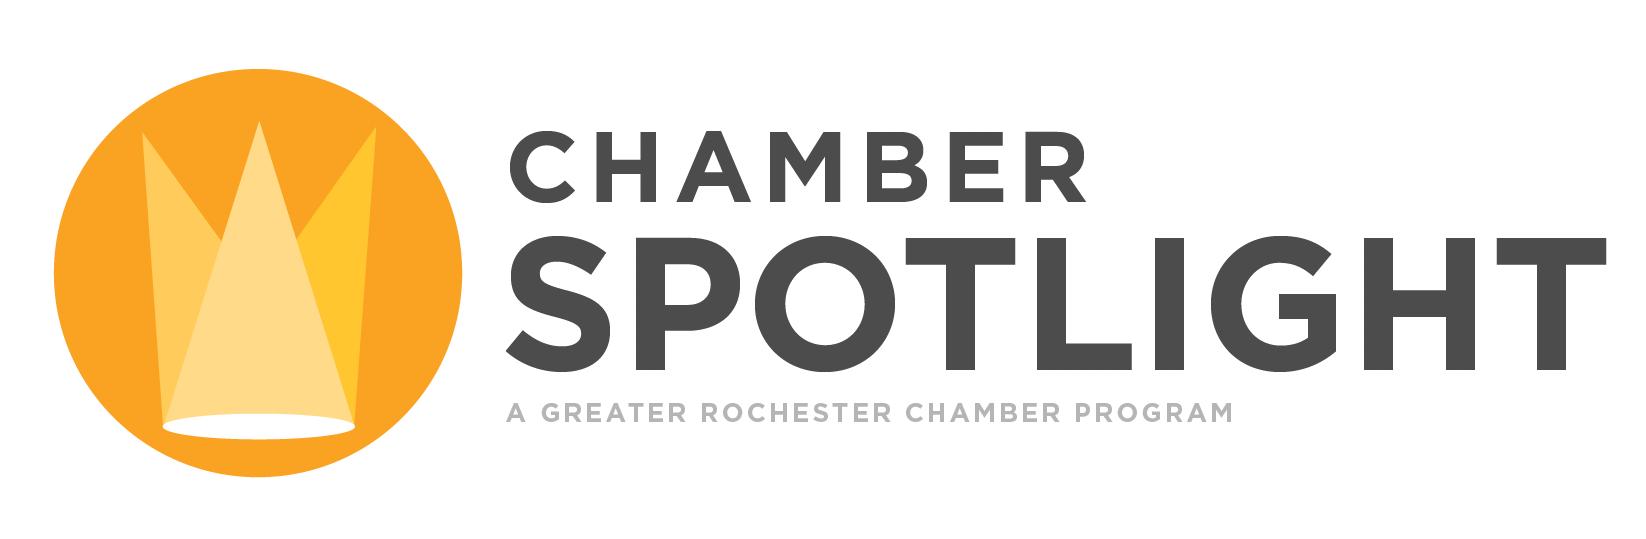 chamber spotlight 2021